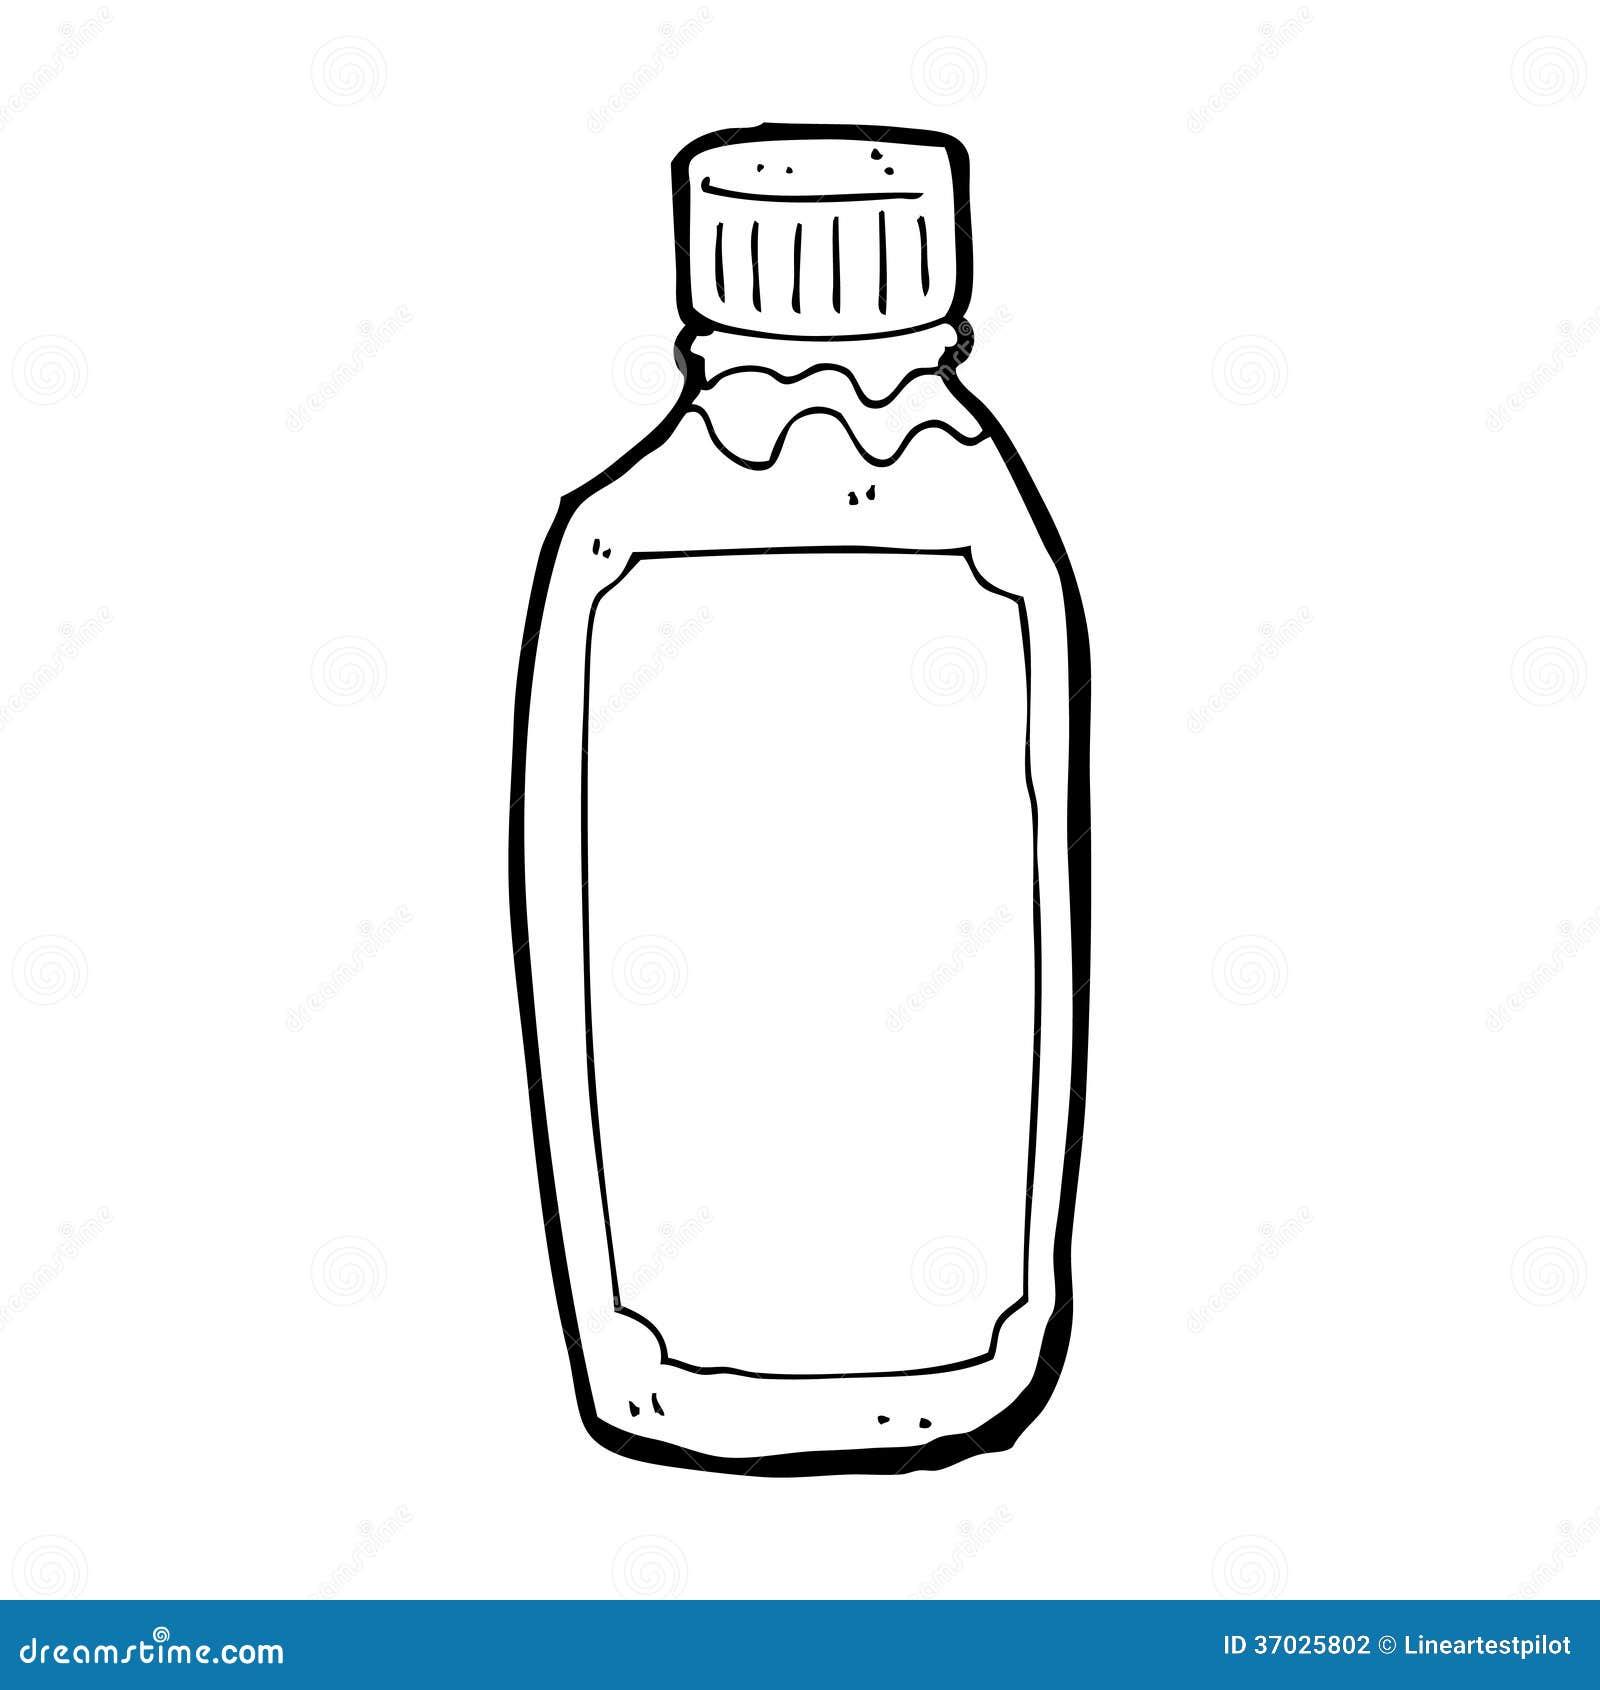 cartoon water bottle stock illustration illustration of cheerful